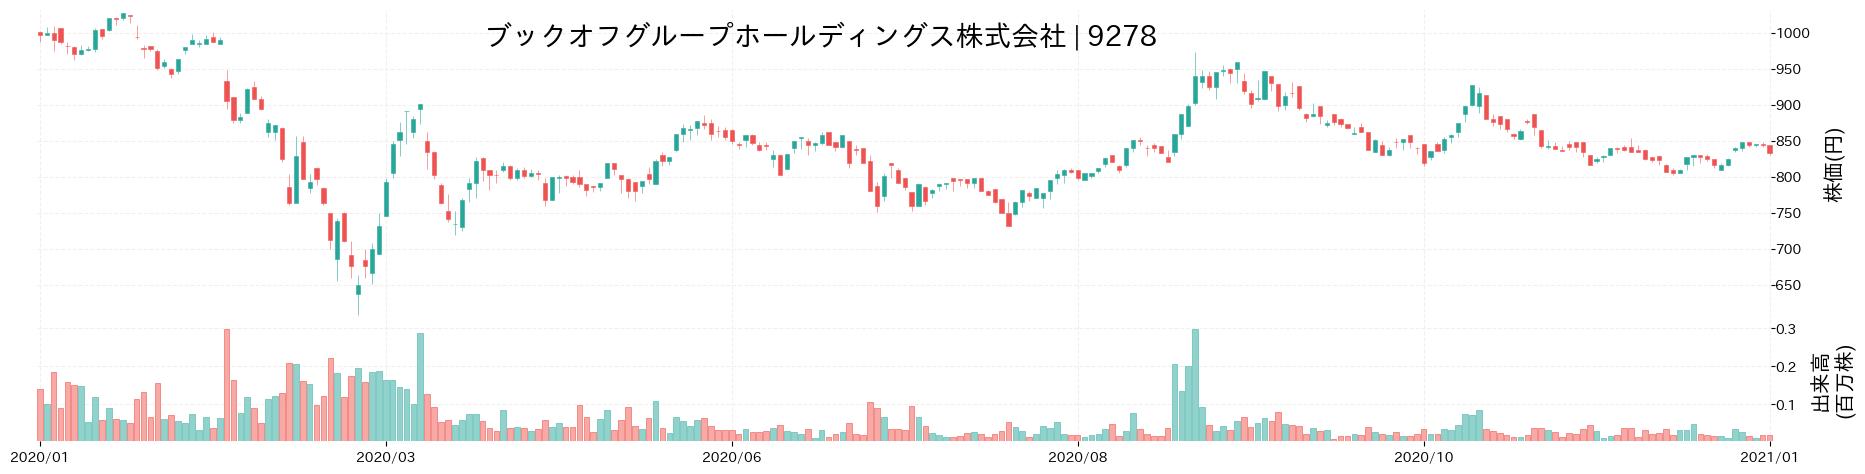 ブックオフグループホールディングス株式会社の株価推移(2020)